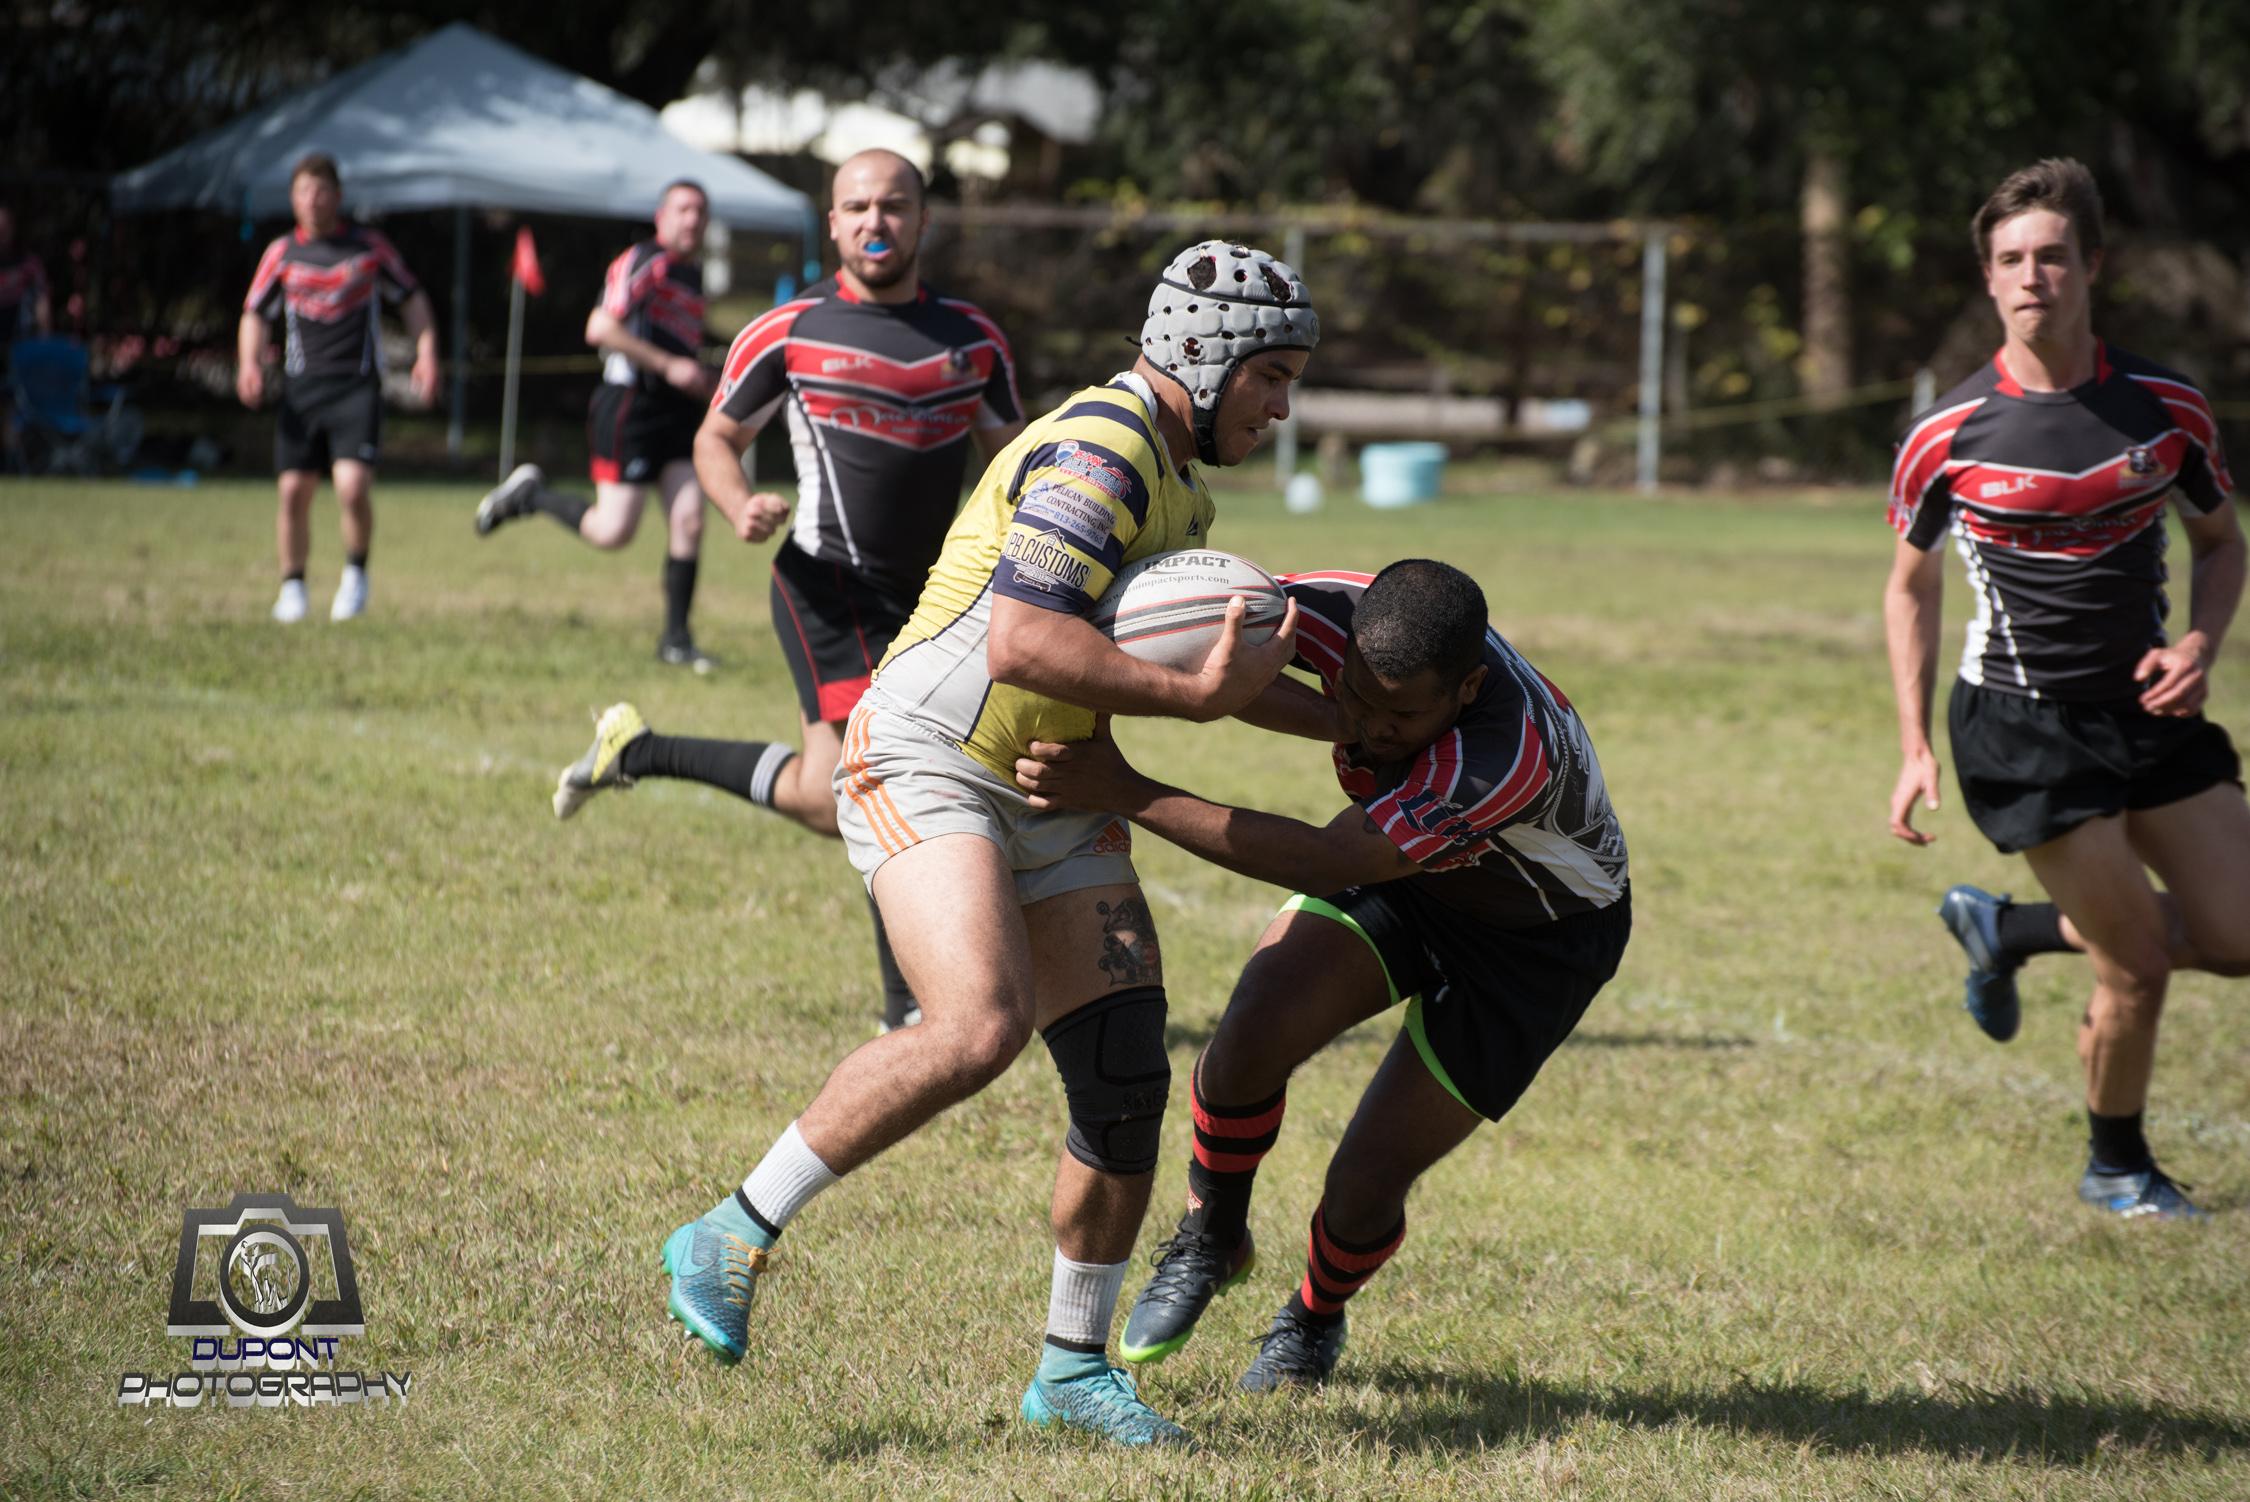 2019-01-19 Rugby-607-3.jpg